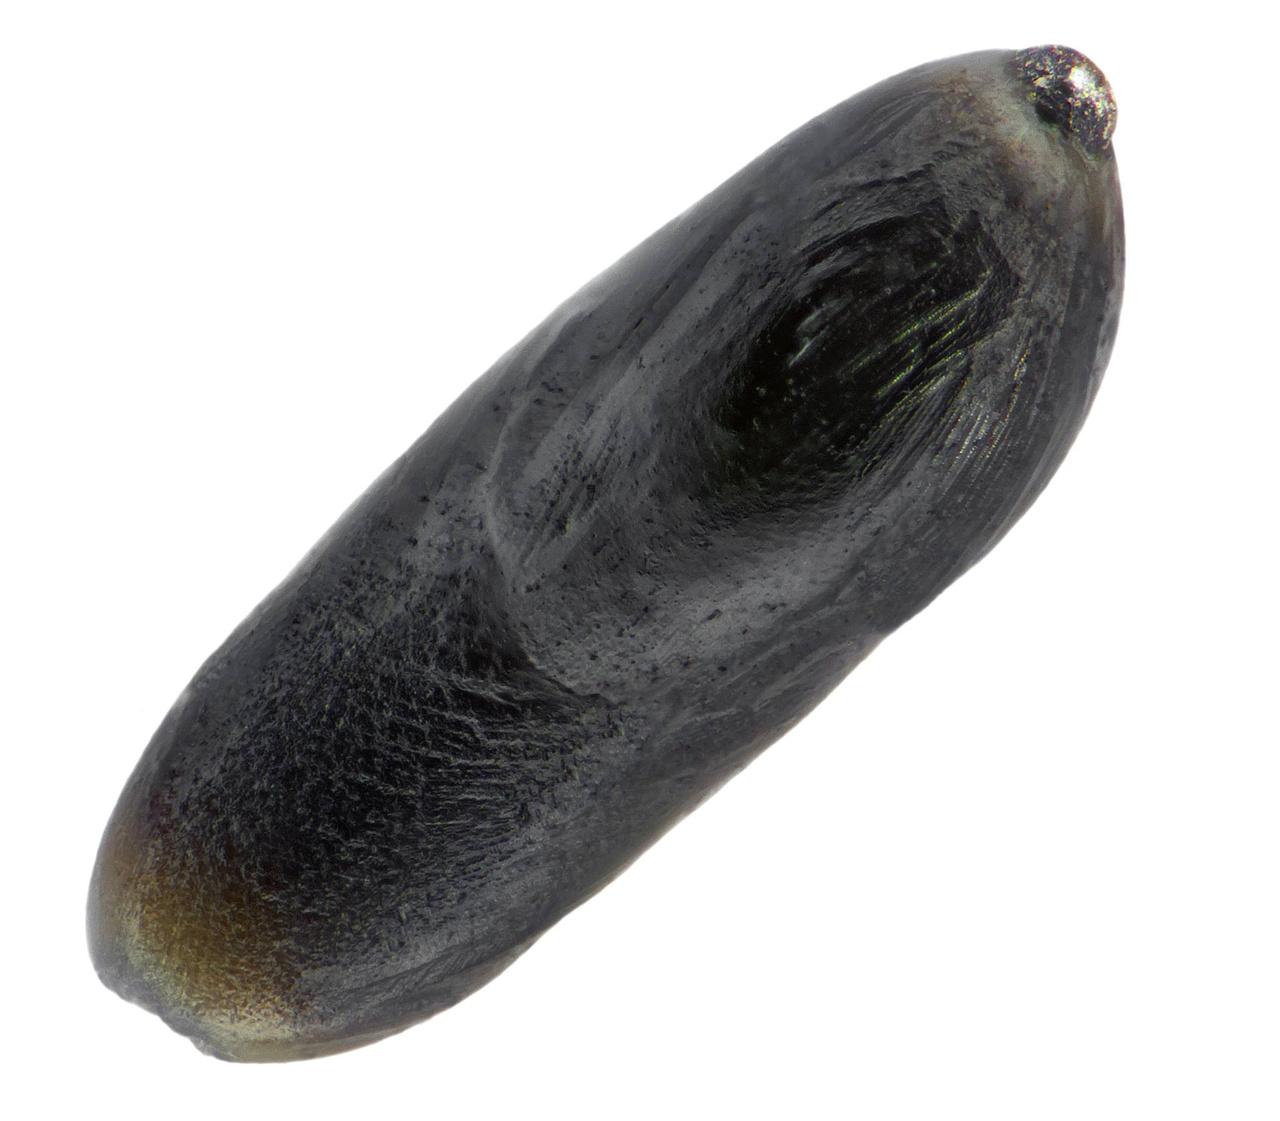 0,6 milliméter hosszú kriptokristályos mikrometeorit, nikkel-vas gyönggyel az egyik végén. A másik végén volt egy hasonló fémdarab, de az kiszabadult, létére bemélyedés utal.